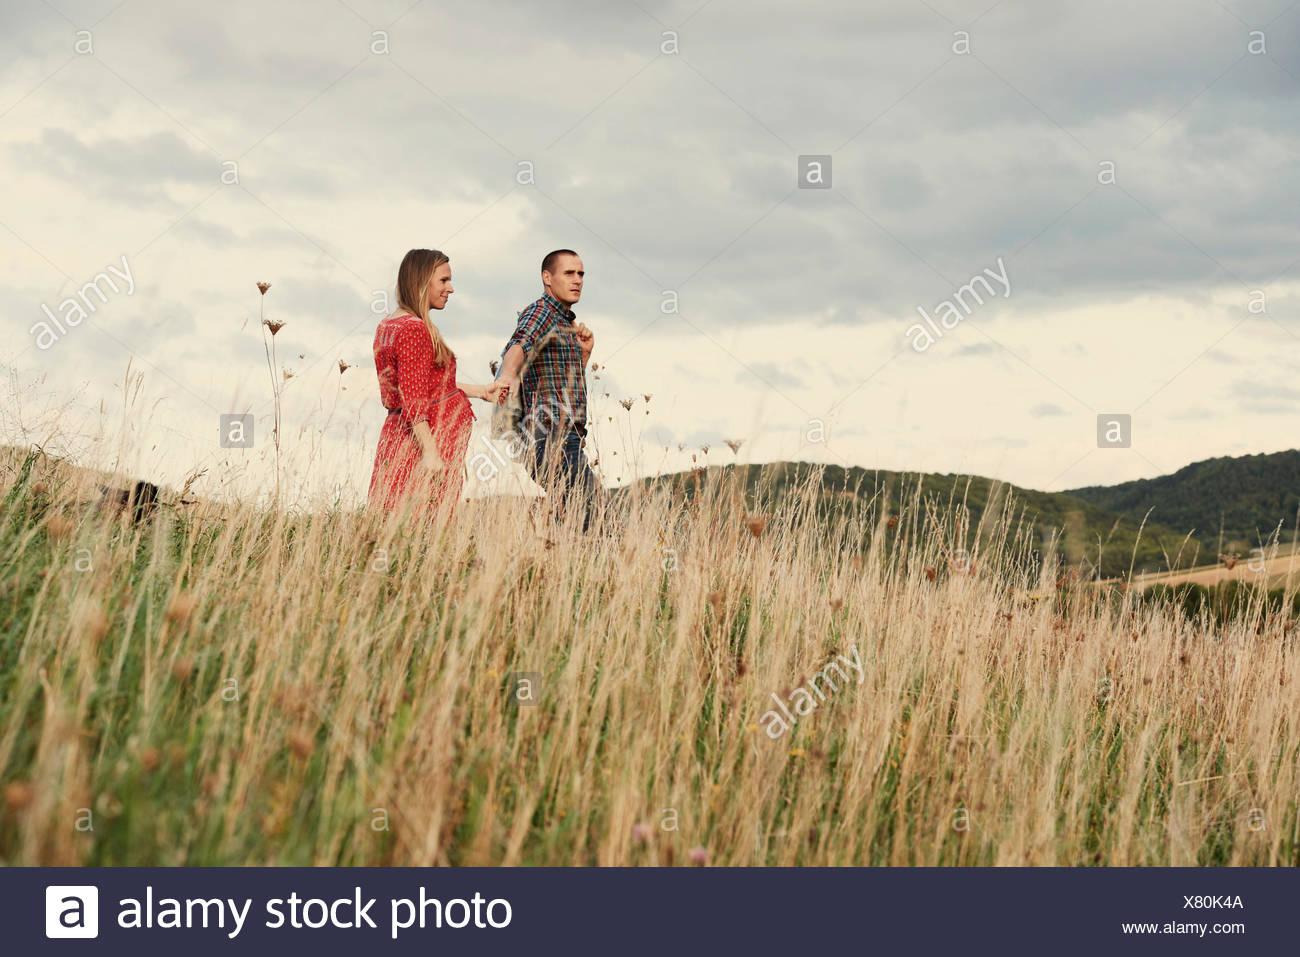 Gravidanza metà adulto giovane holding hands passeggiando lungo pendii Immagini Stock